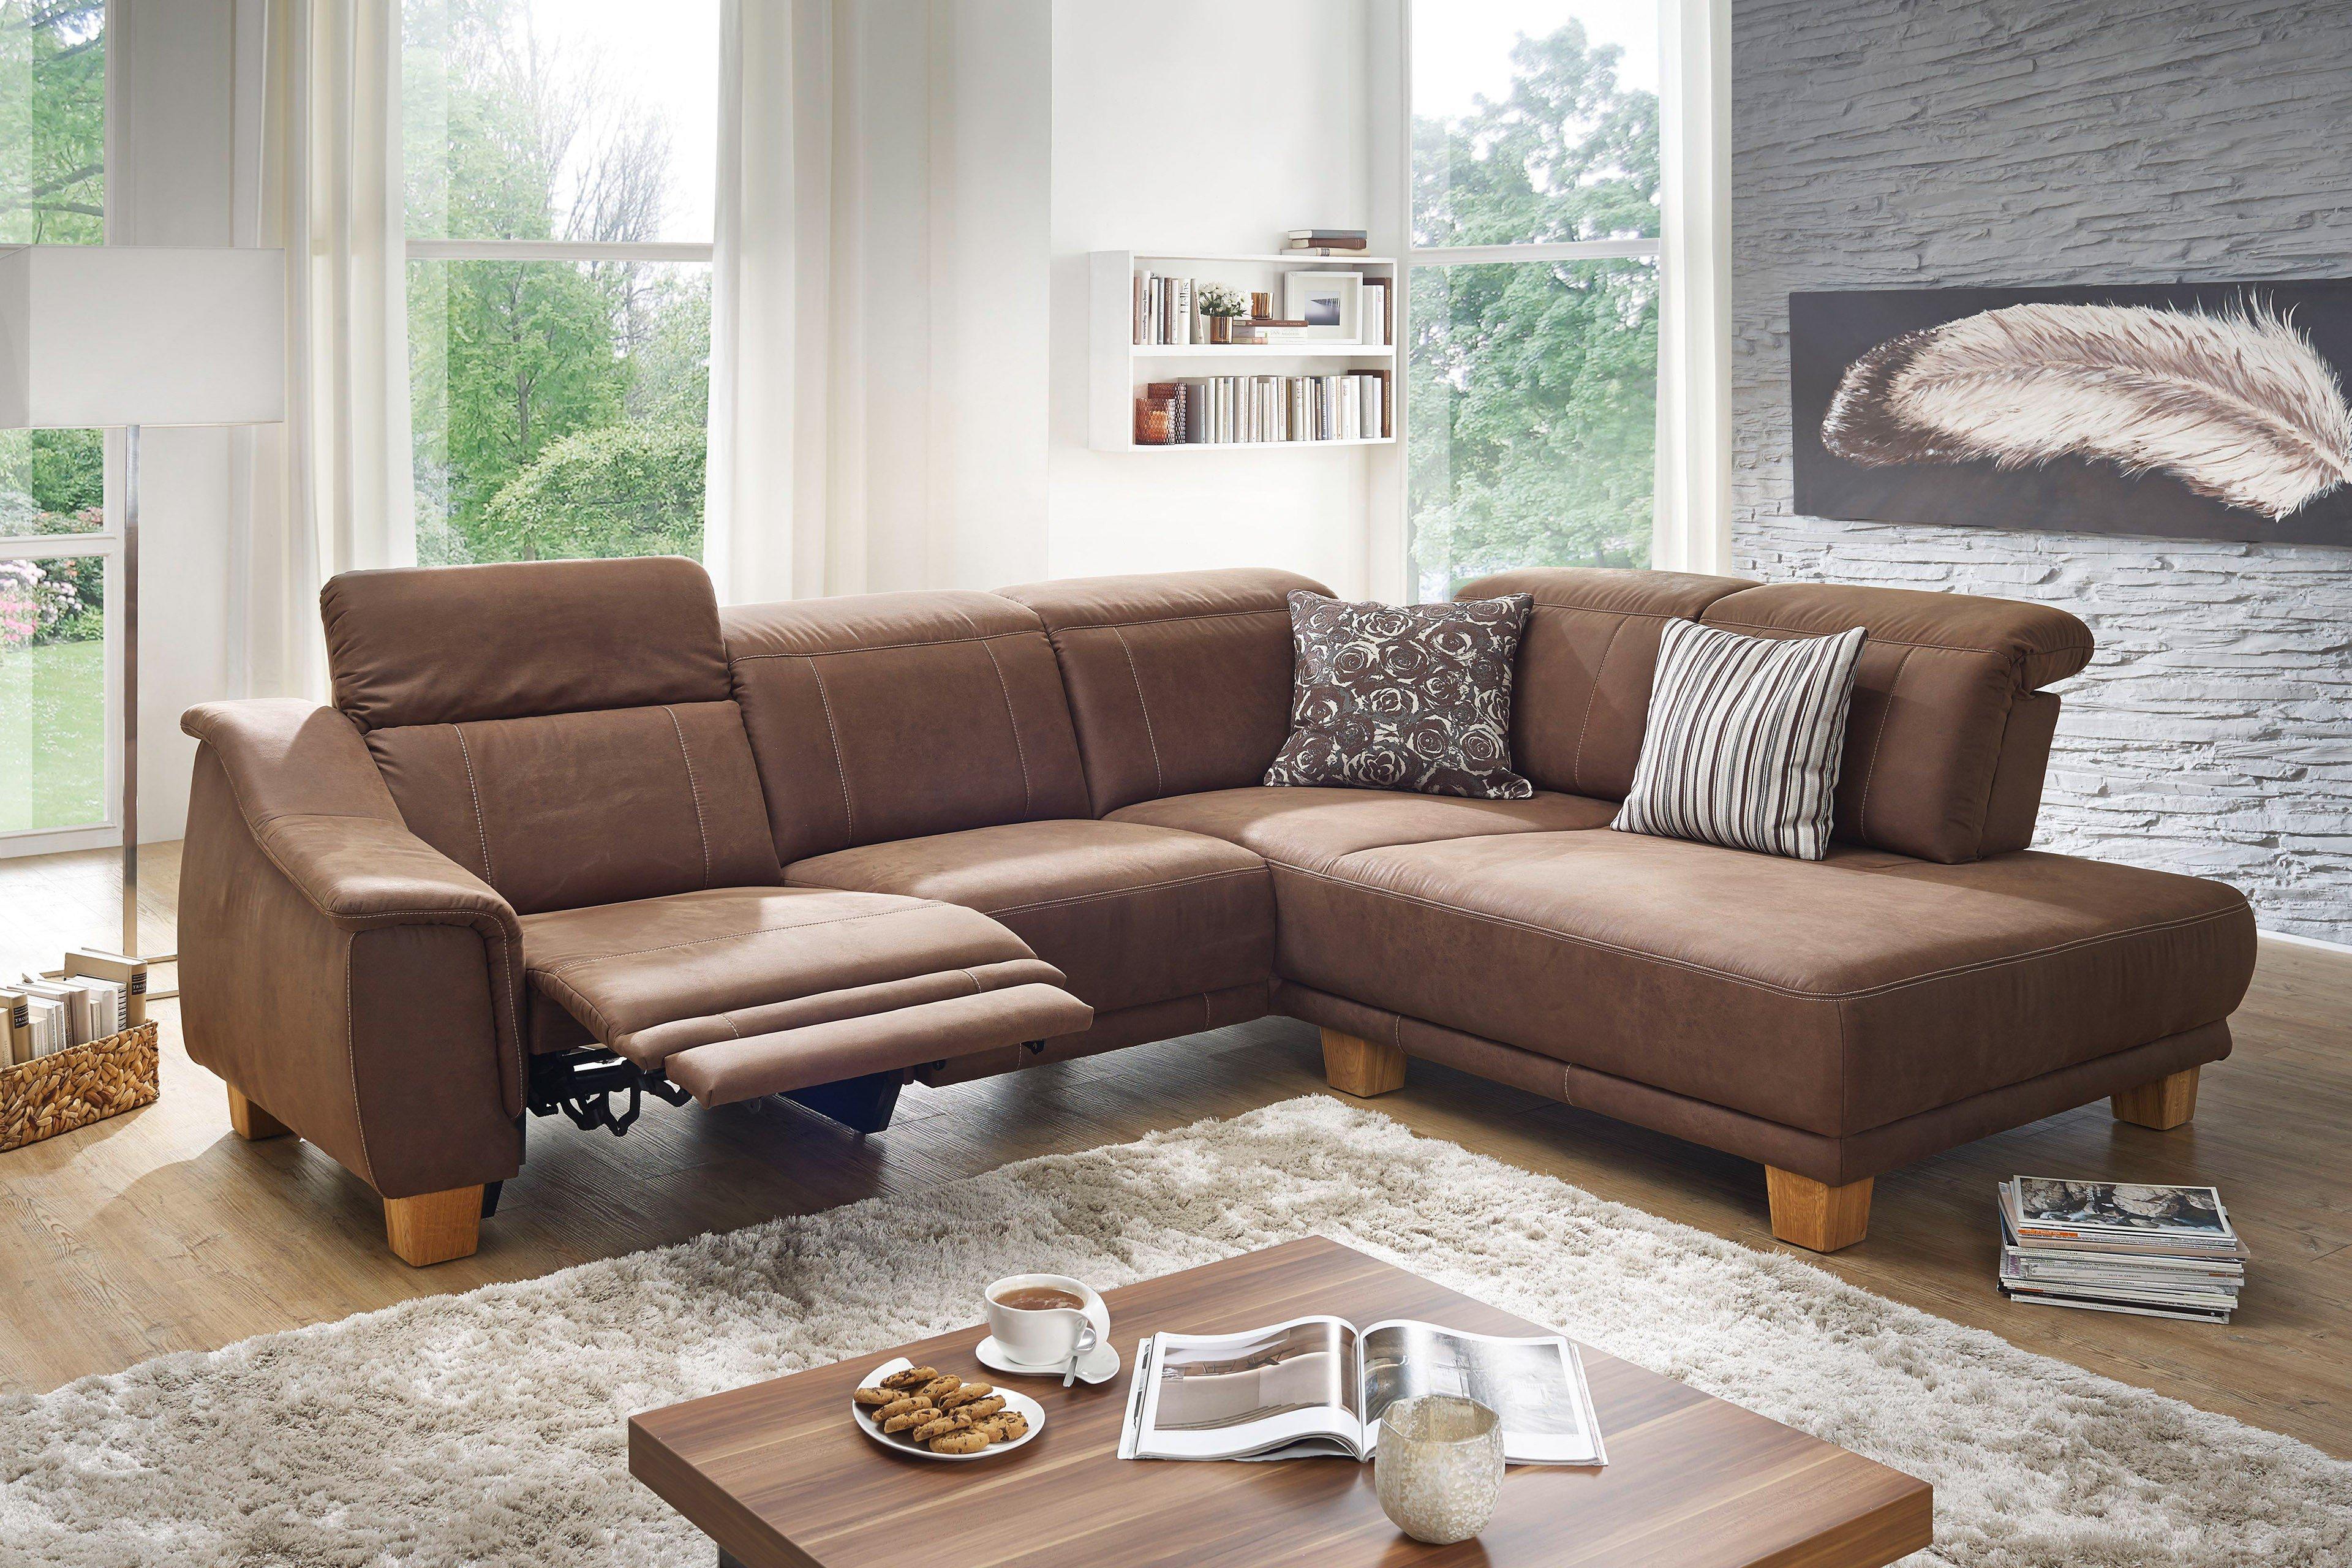 f s polsterm bel 260 messina eckgarnitur in braun m bel. Black Bedroom Furniture Sets. Home Design Ideas